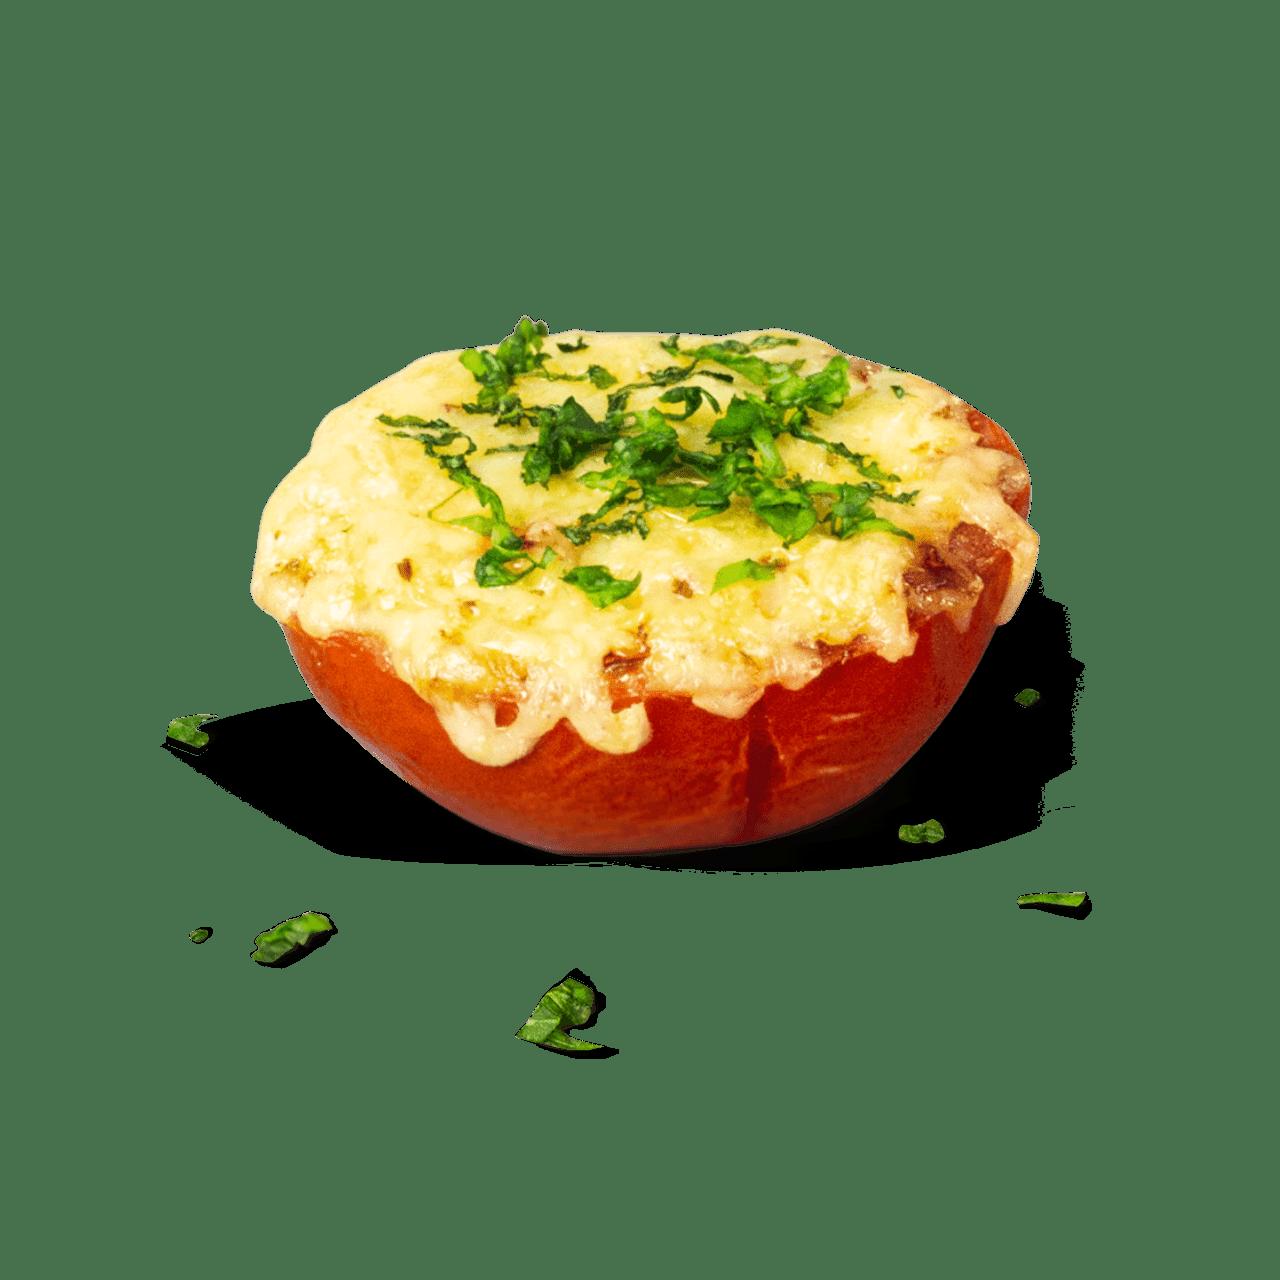 tostibanaan-tomaat-komijnekaas-oven